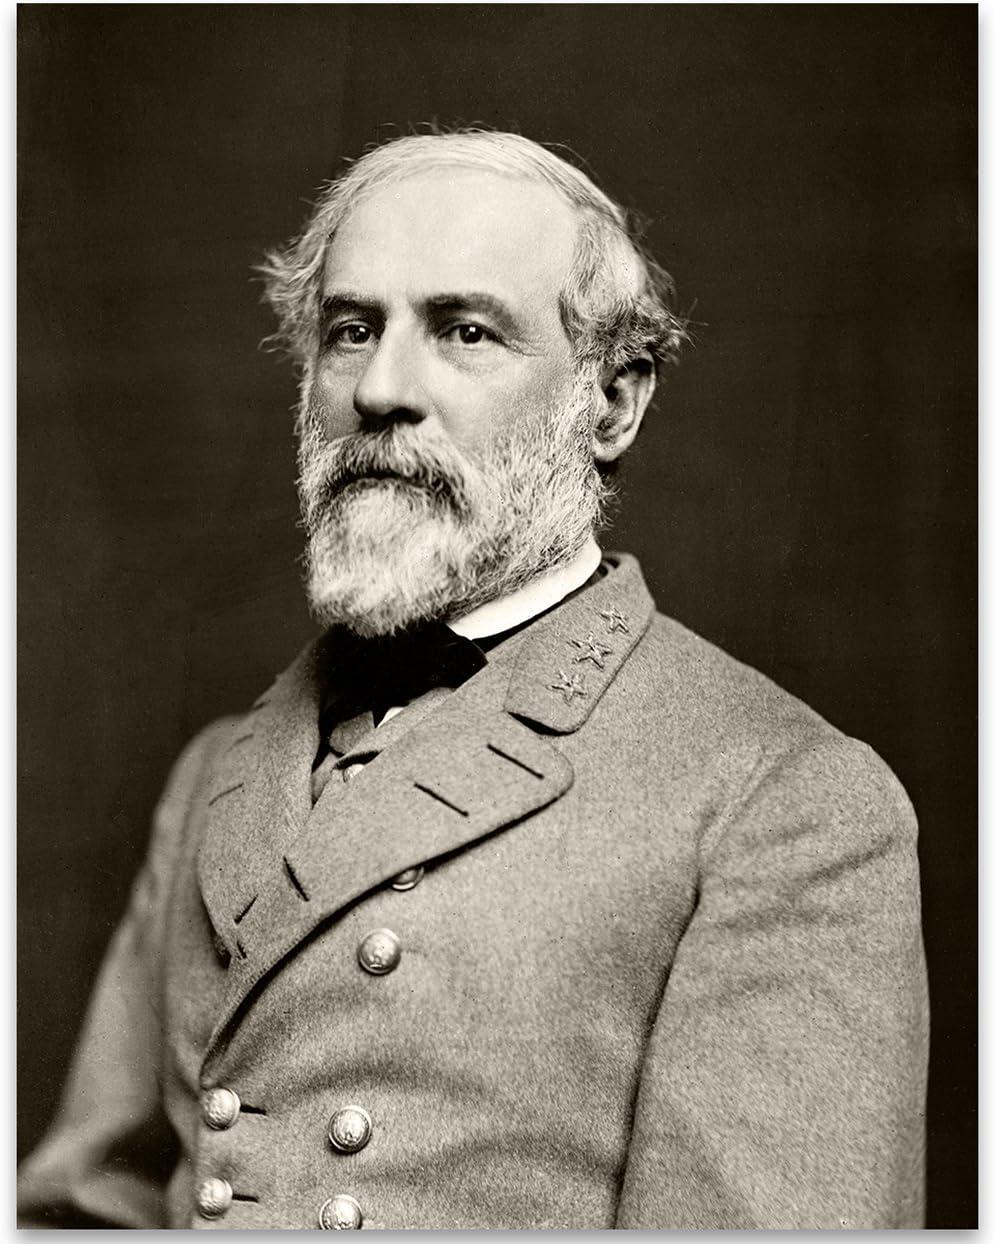 Portrait of General Robert E. Lee - 11x14 Unframed Print - Great Civil War Home Decor Under $15